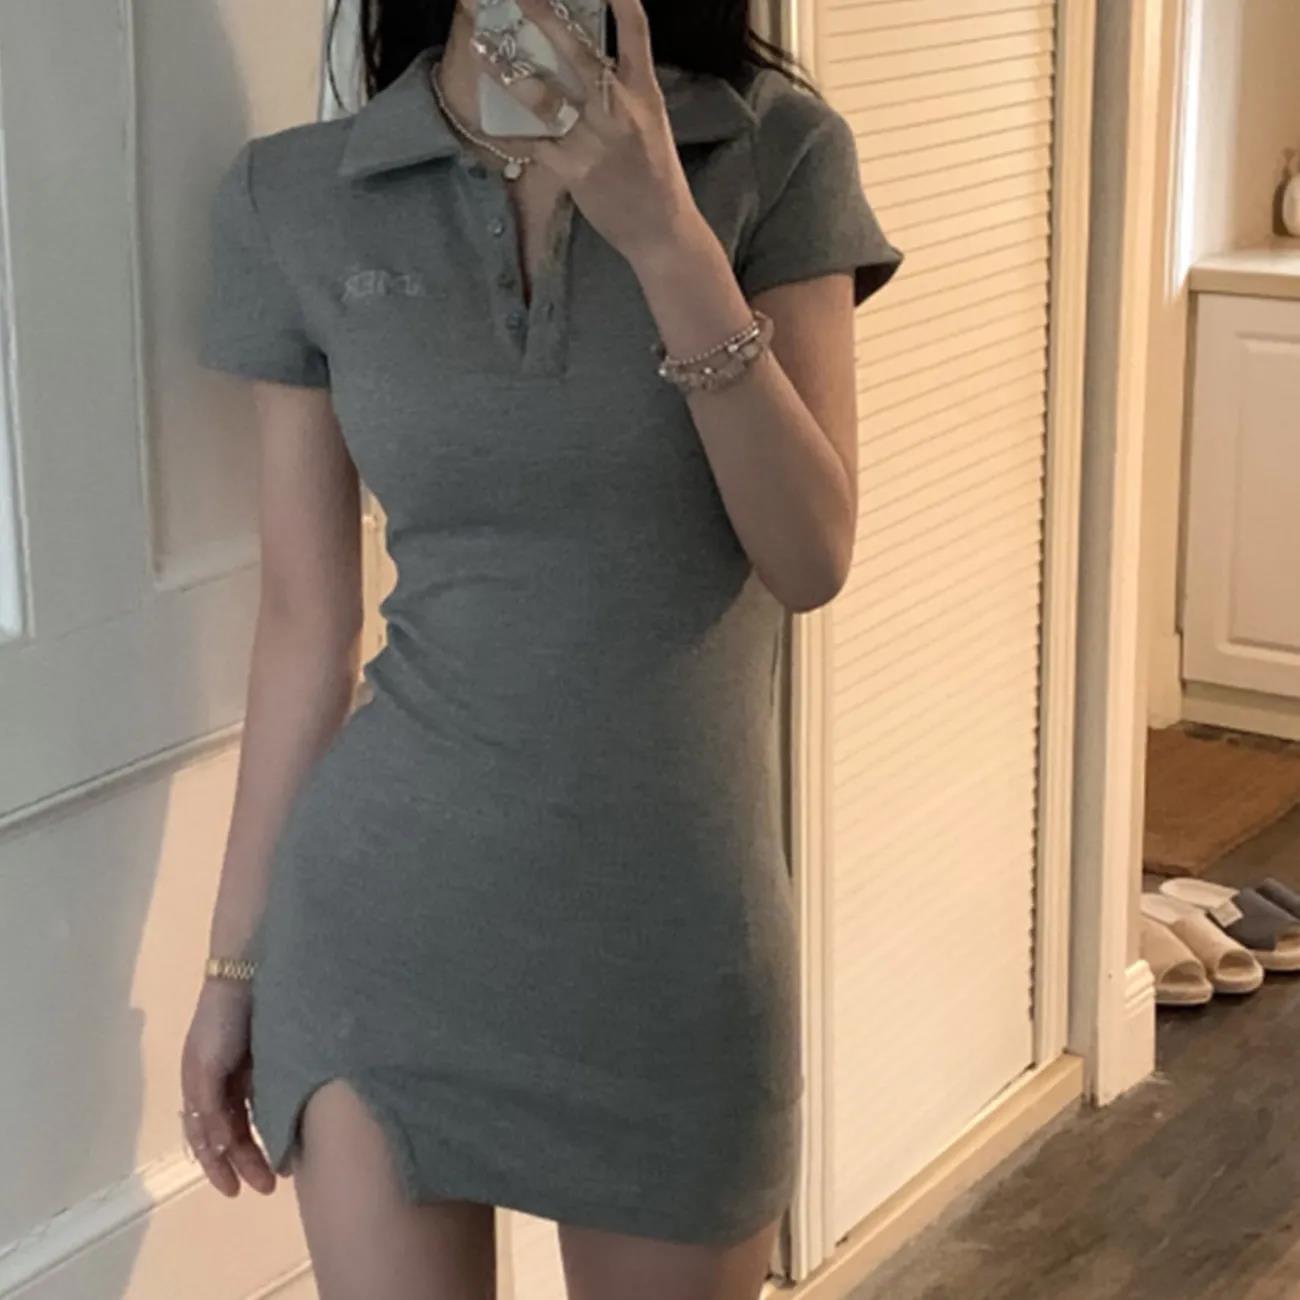 中國代購|中國批發-ibuy99|短裙|复古polo领针织连衣裙纯欲修身开叉包臀短裙女夏季2021年新款裙子